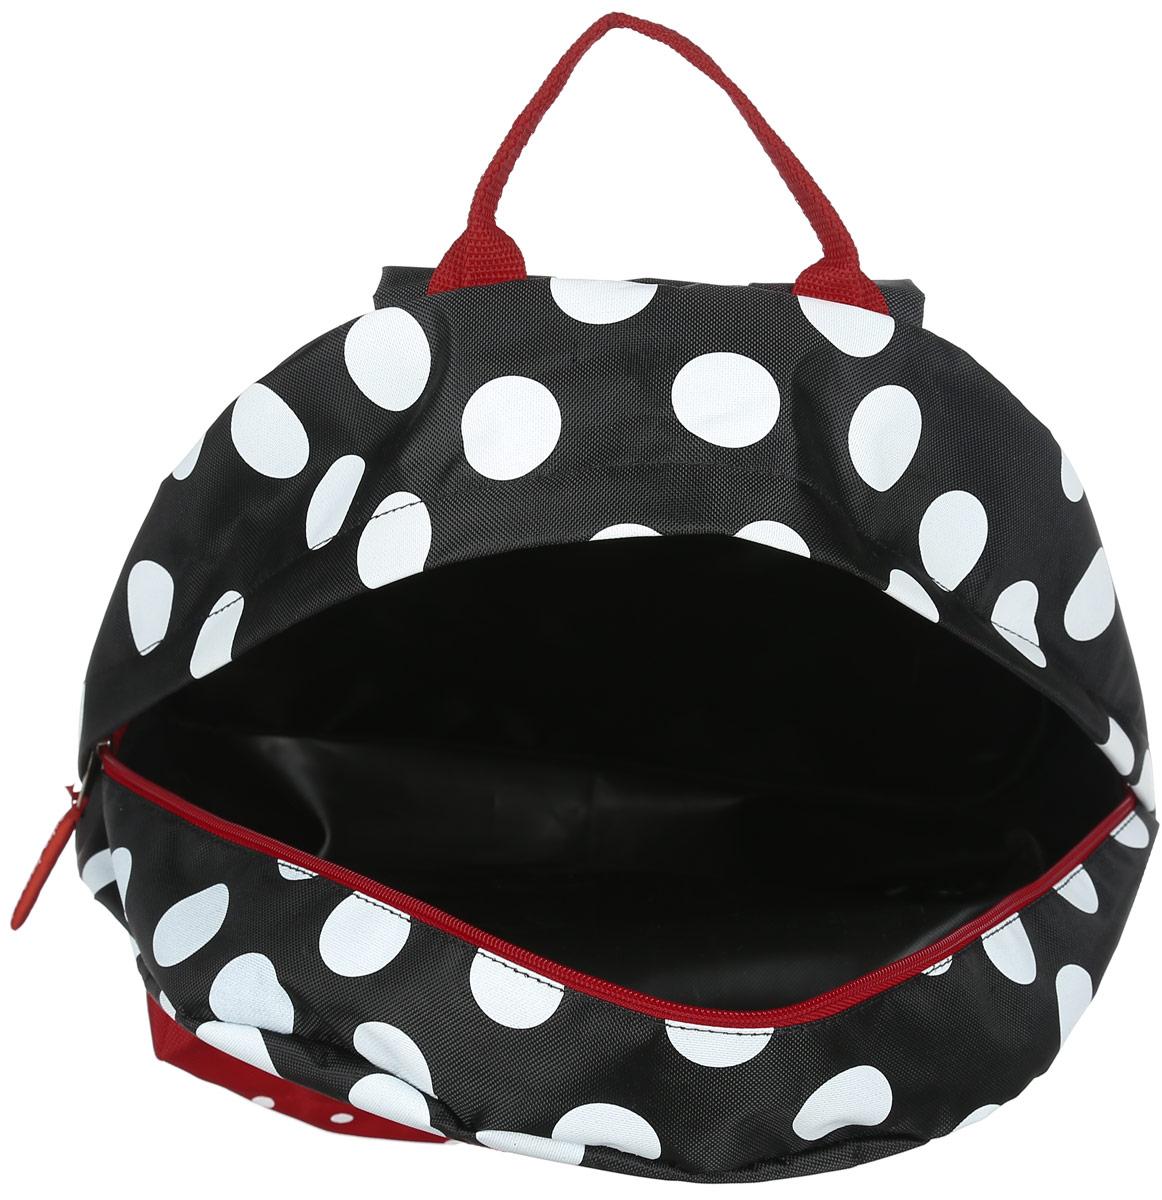 Рюкзак женский Antan, цвет: черный, белый, красный. 6-7 ( 6-7 Горошек полиэстер/черный )